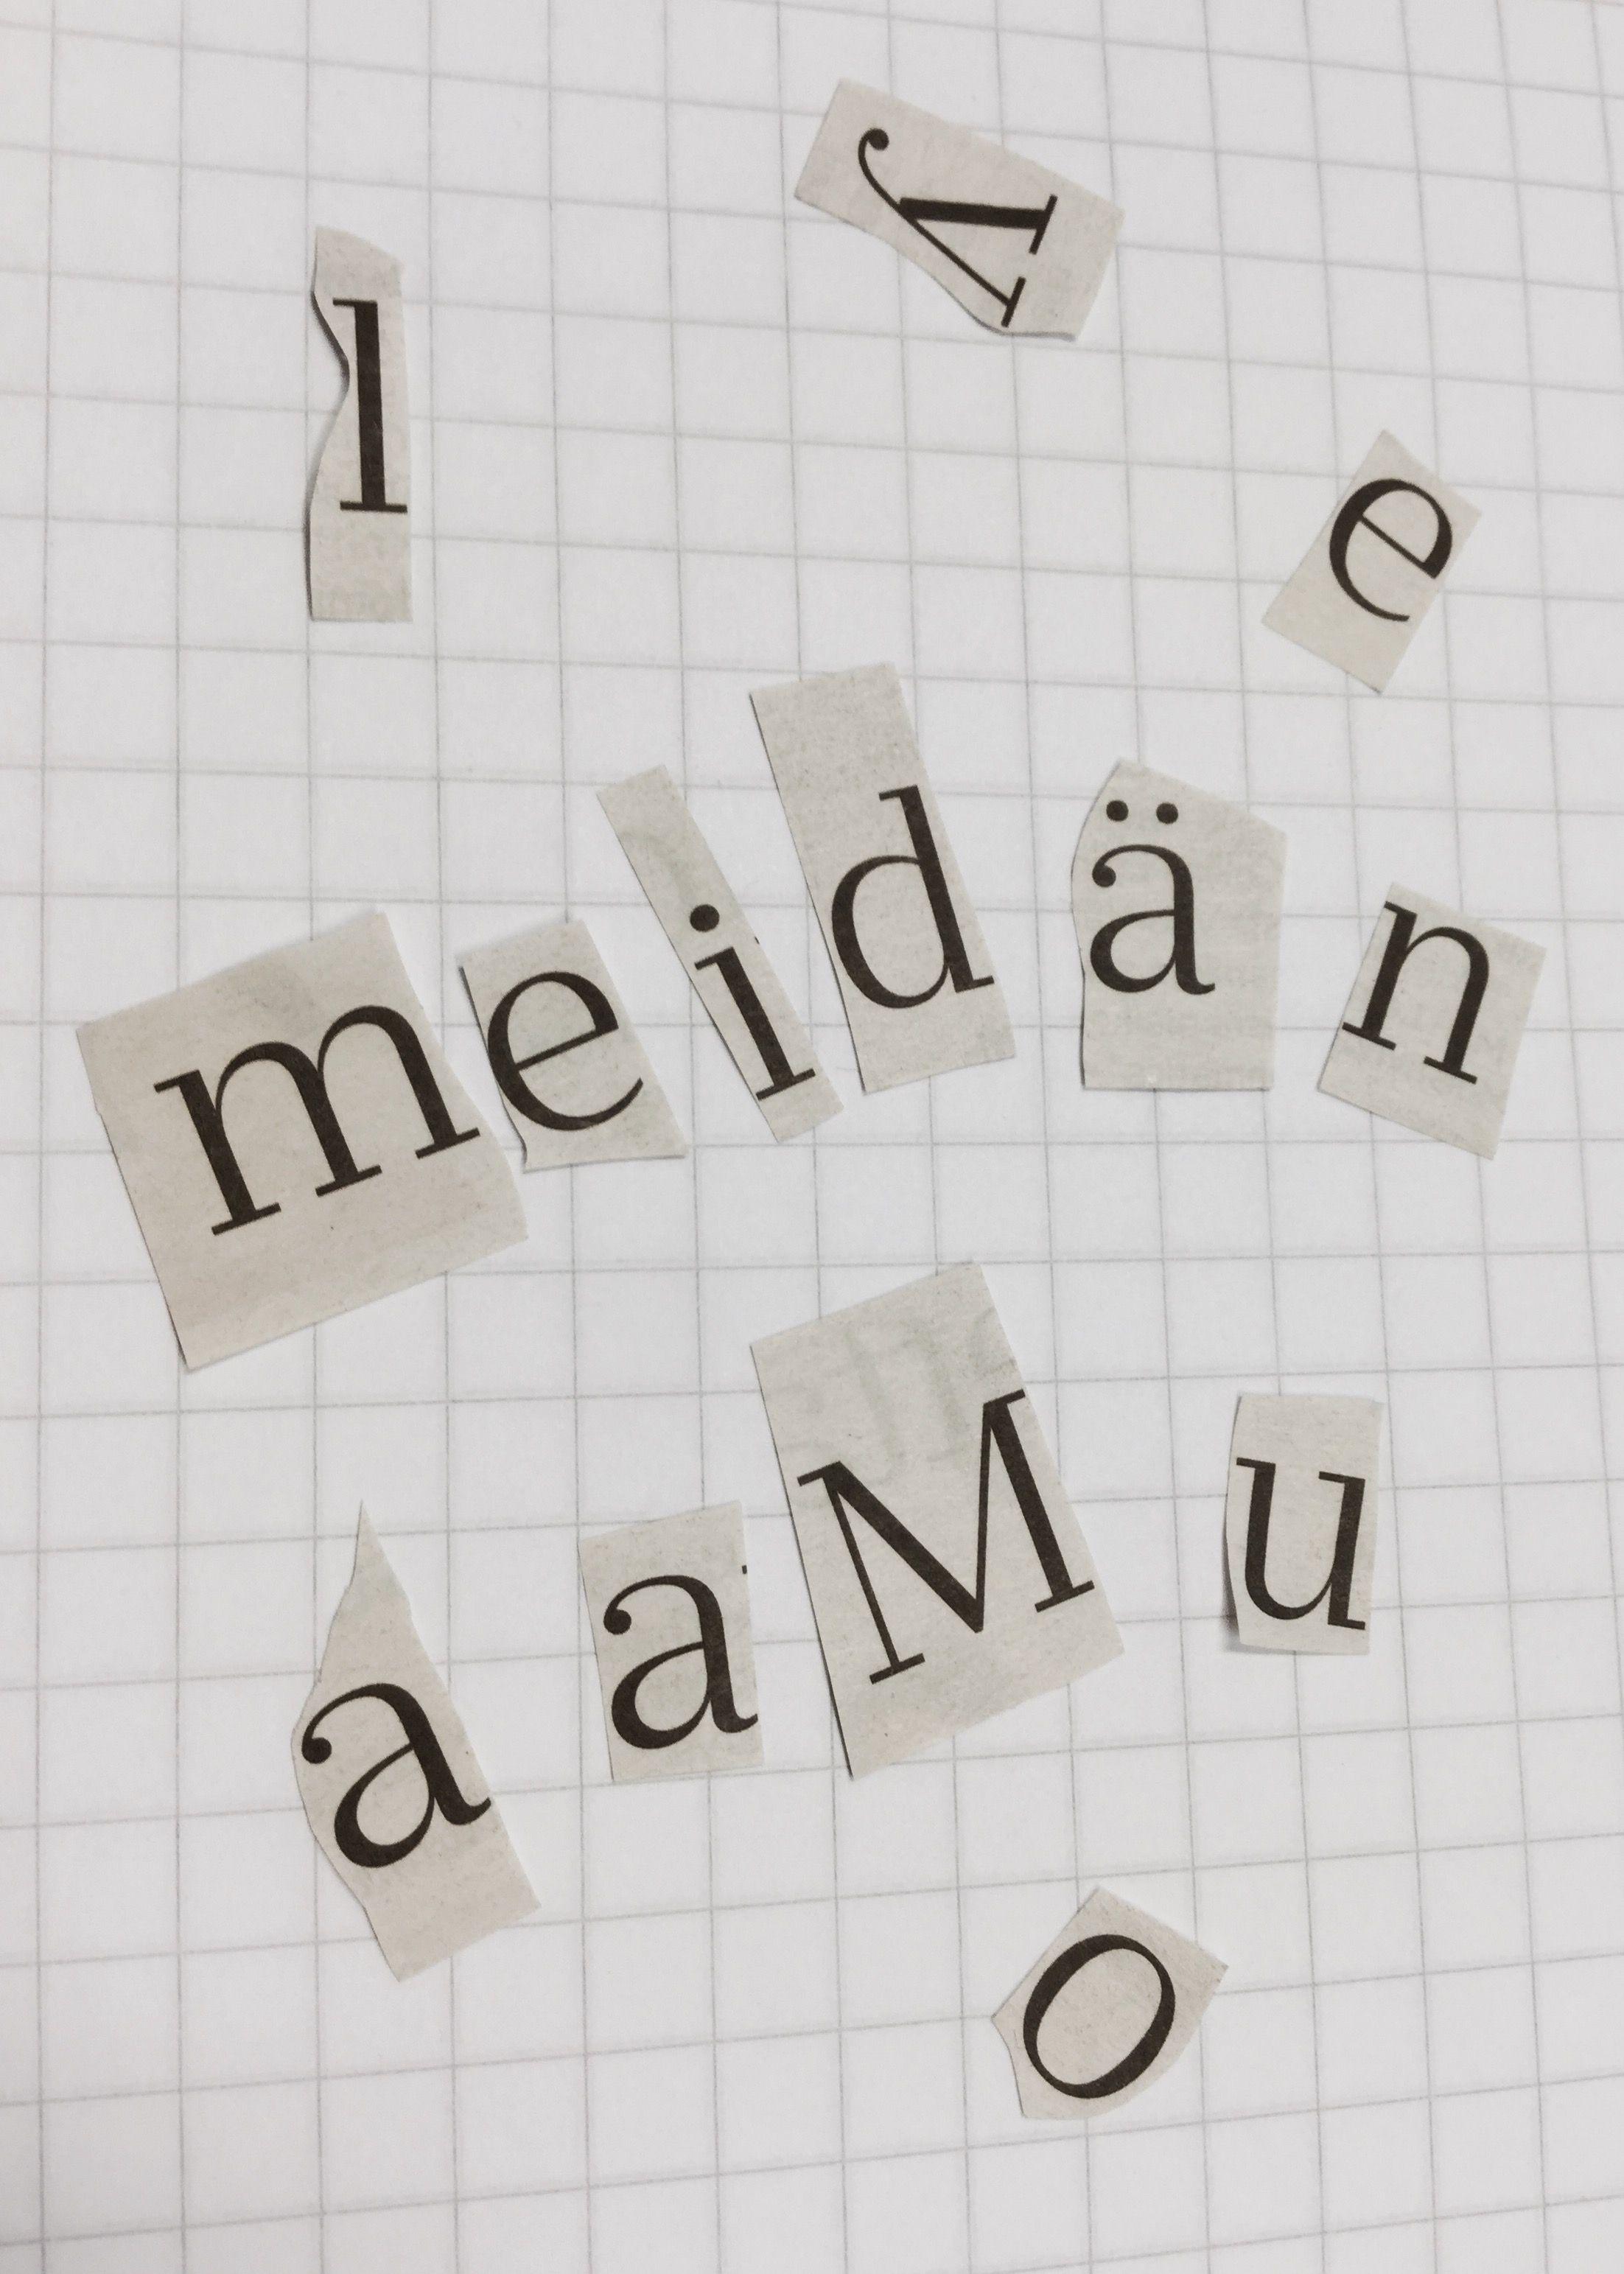 Otsikko sekaisin! Valitse otsikko lehdestä ja leikkaa kirjaimet irti. Sekoittakaa kirjaimet ja ratkaiskaa oikea otsikko. Matkan varrella voi tulla hauskoja vaihtoehtoja! Näytä oppilaille lopuksi oikea otsikko.  #aamulehti #sanomalehti #koulumaailma #mediakasvatus #oppituntivinkki